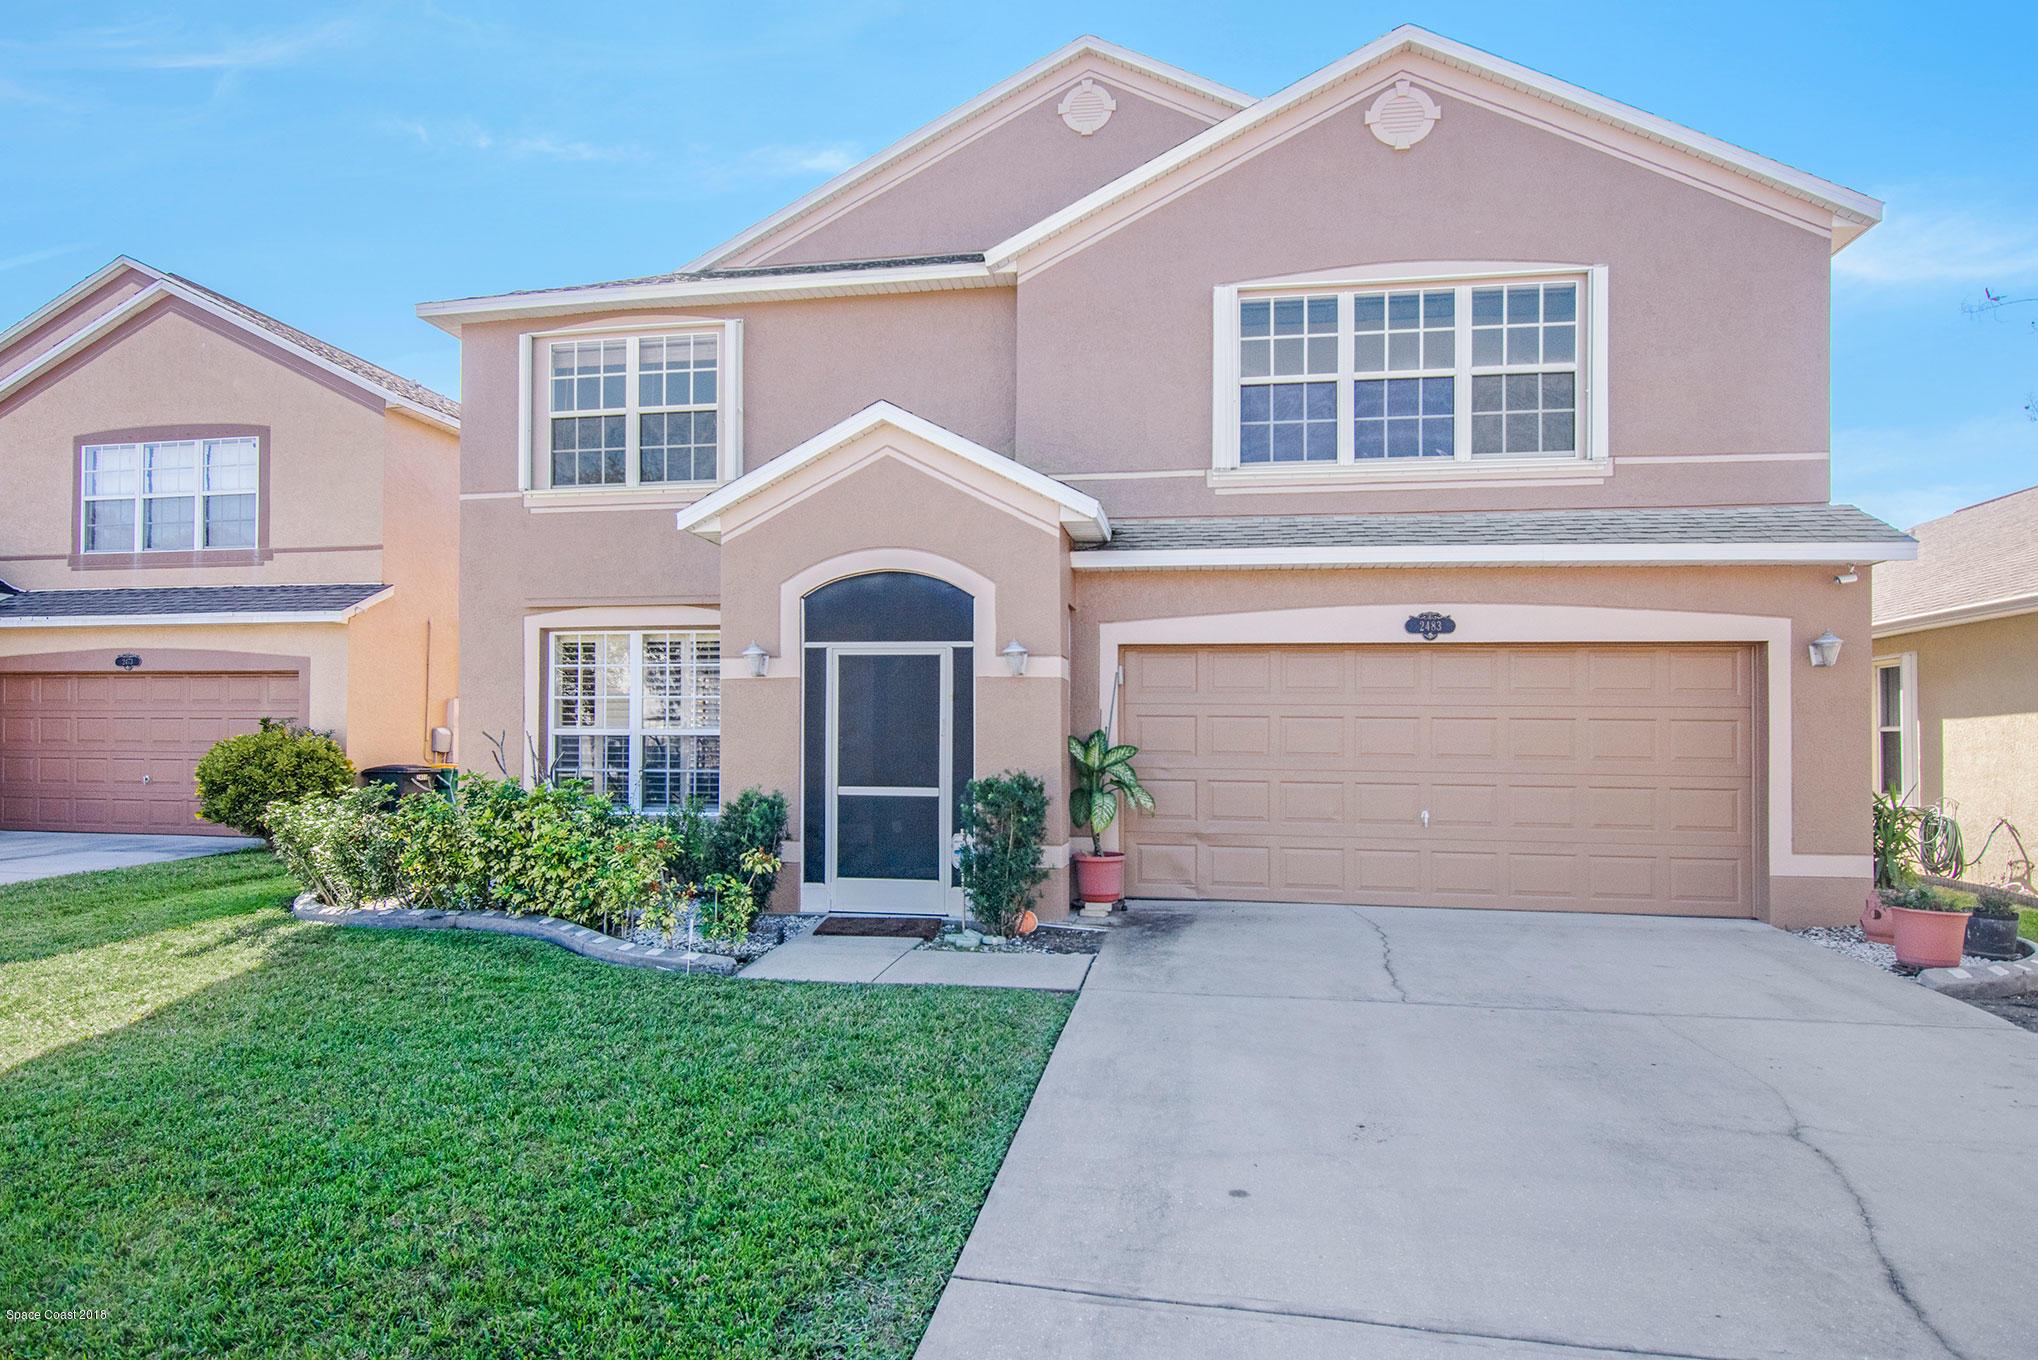 獨棟家庭住宅 為 出售 在 2483 Glasbern 2483 Glasbern West Melbourne, 佛羅里達州 32904 美國